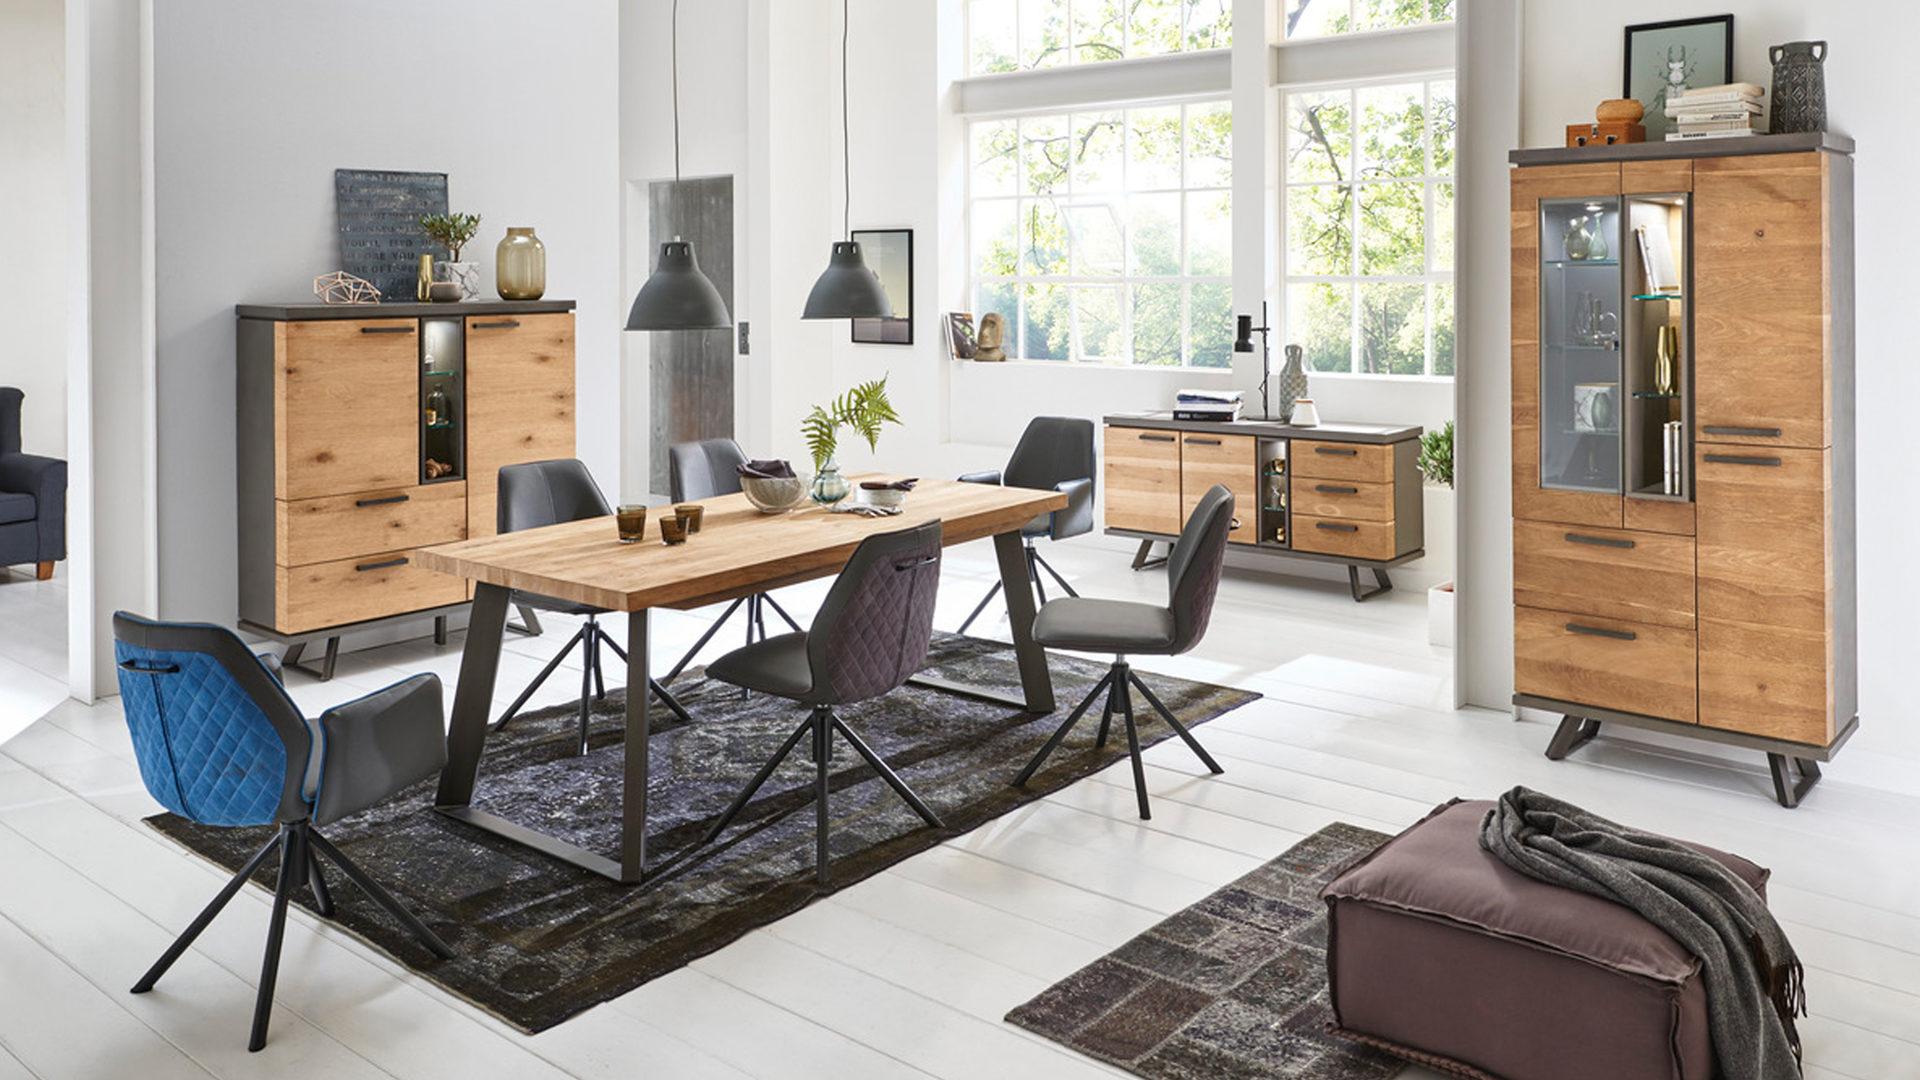 Wunderbar Industrial Style Wohnen Dekoration Von Woods & Trends Esstisch Im